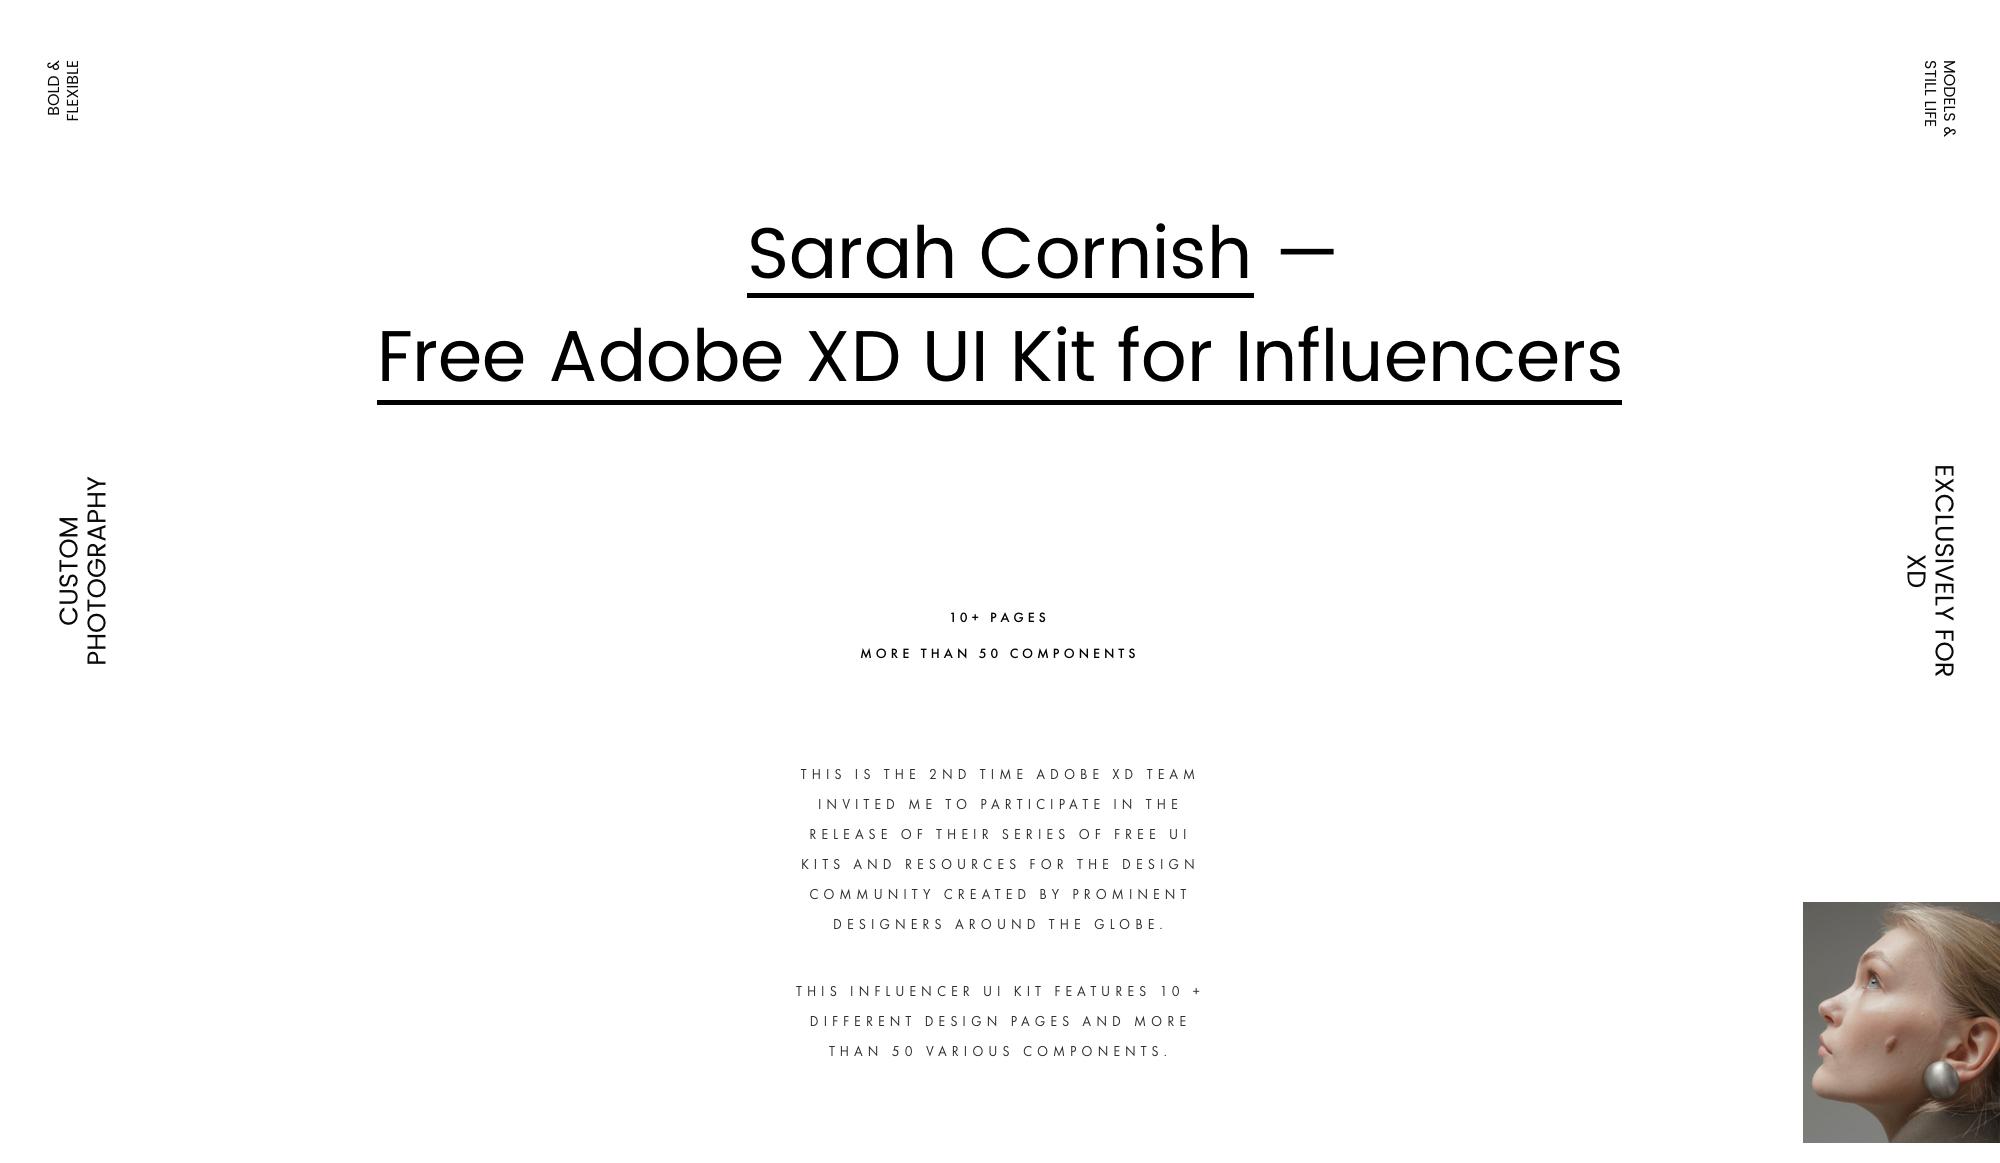 时尚影响者用户界面UI套件插图1